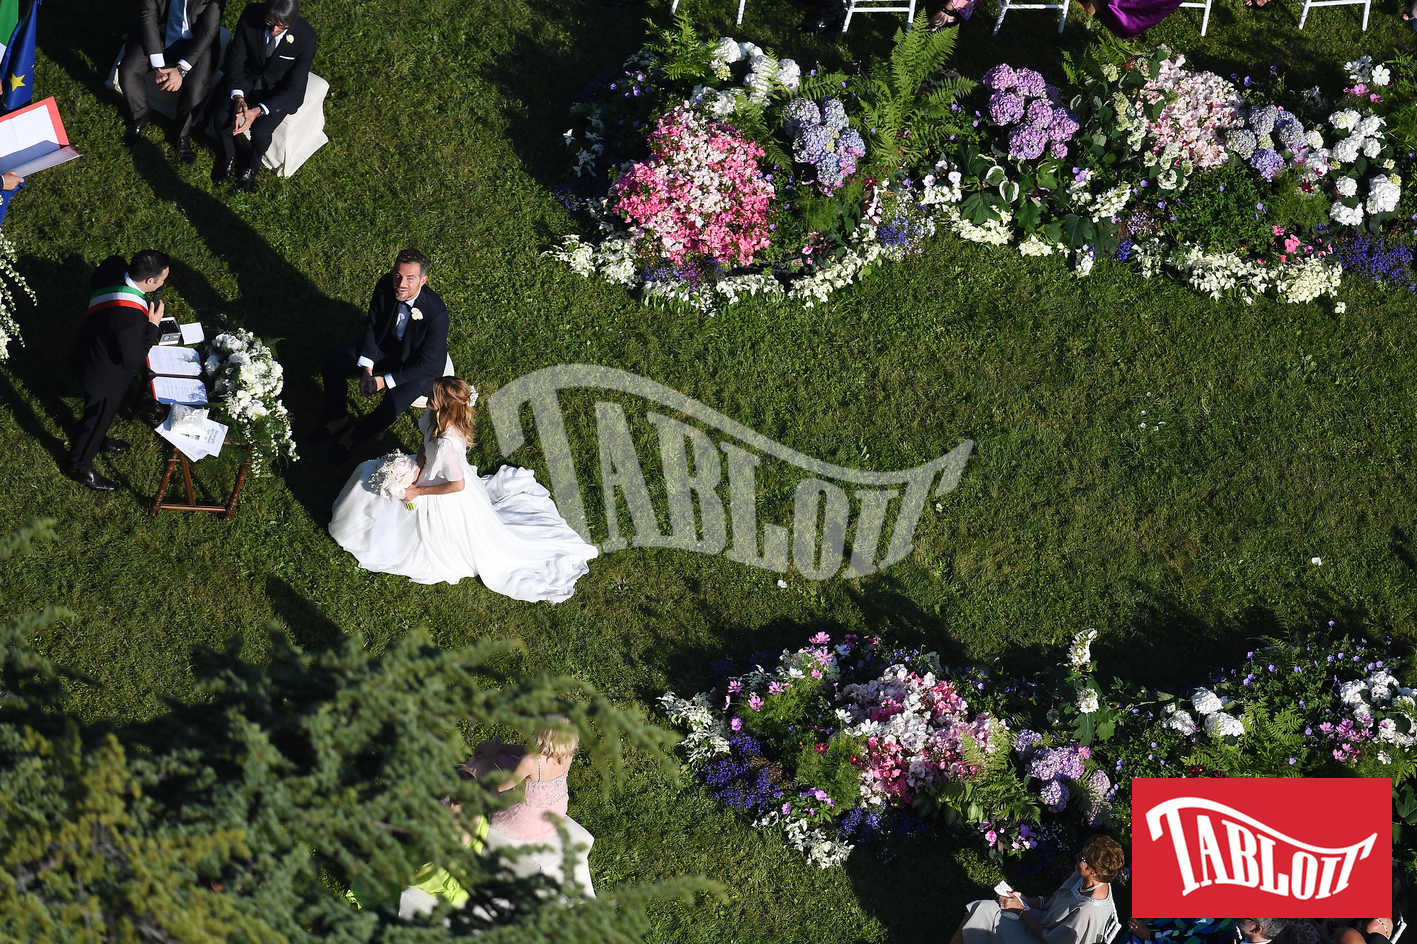 nozze daniele bossari filippa lagerback foto dei paparazzi